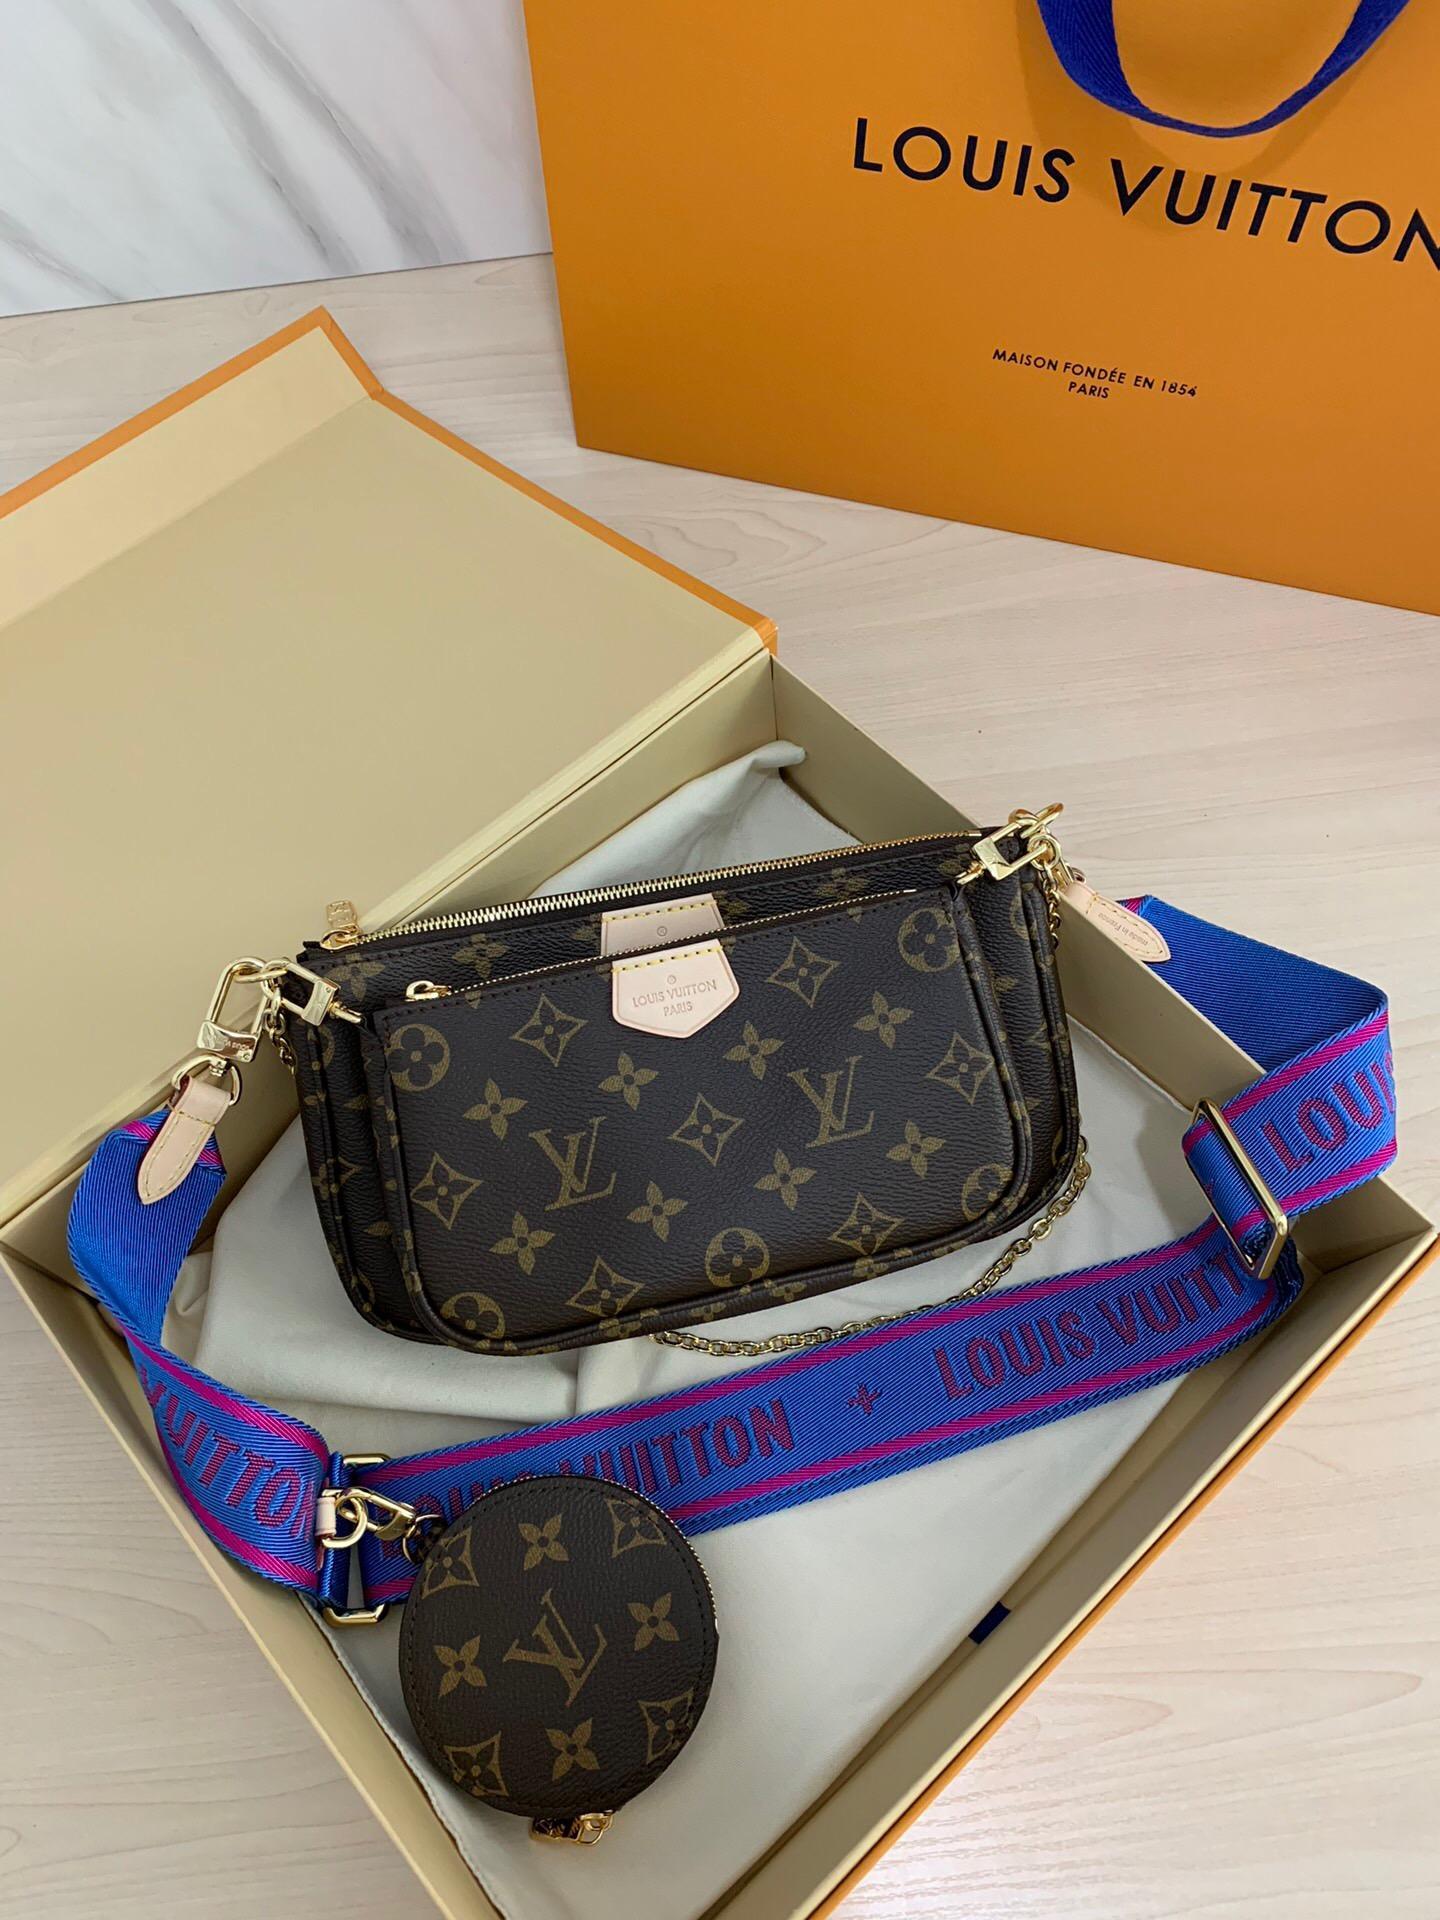 2020 جديد مصمم أزياء الساخن بيع أحدث جودة عالية حقيبة المرأة MULTI POCHETTTE ACCESSORIES مع أكياس مربع حقيبة متربة لطيف حار بيع A014